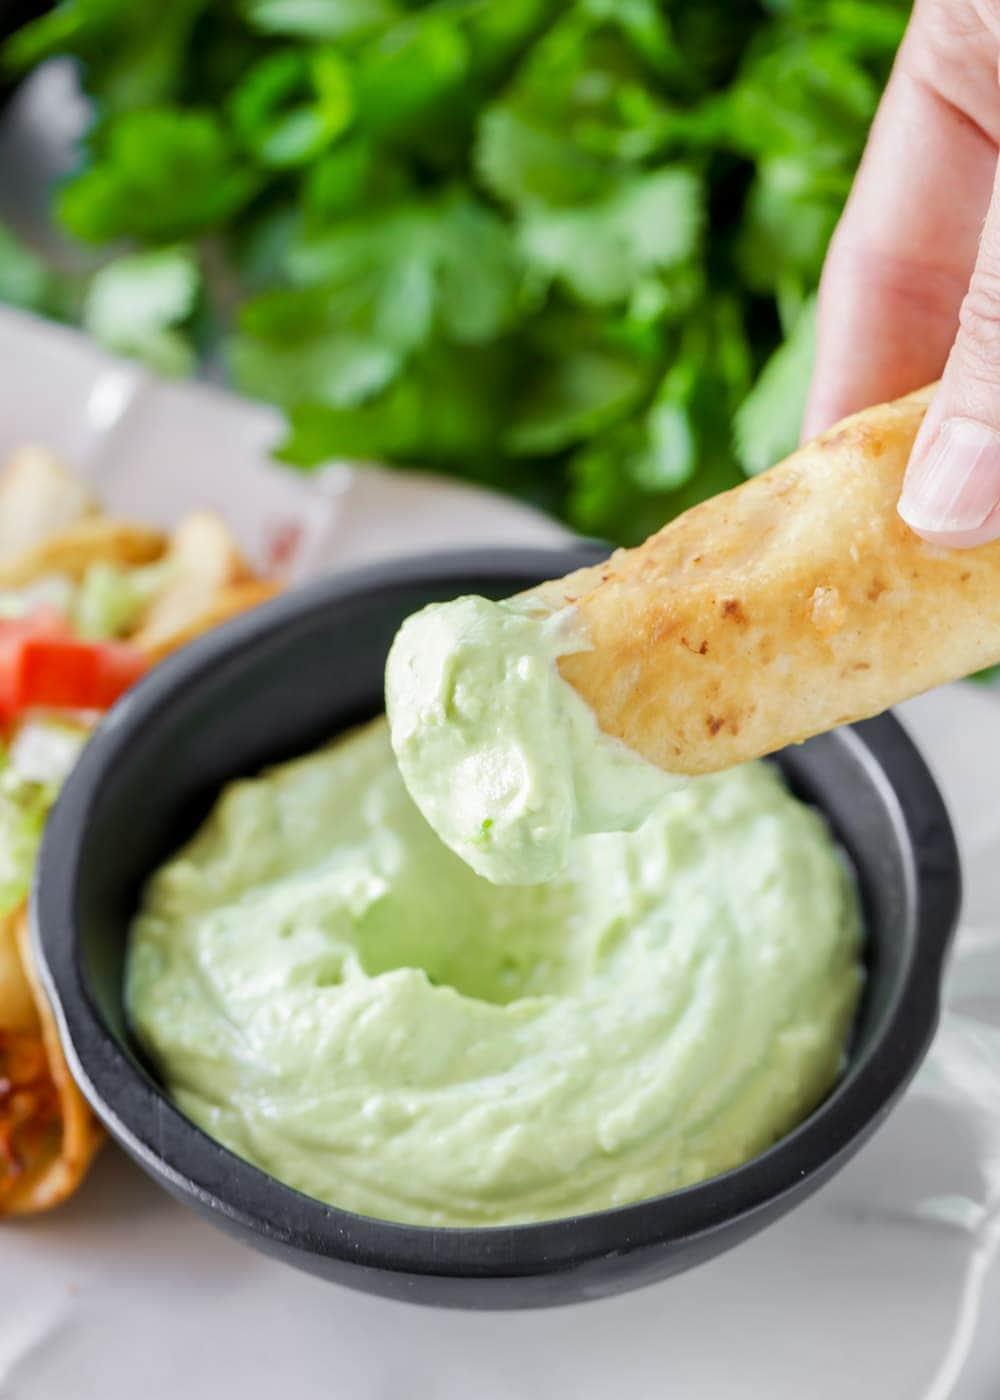 Avocado cream sauce with taquitos